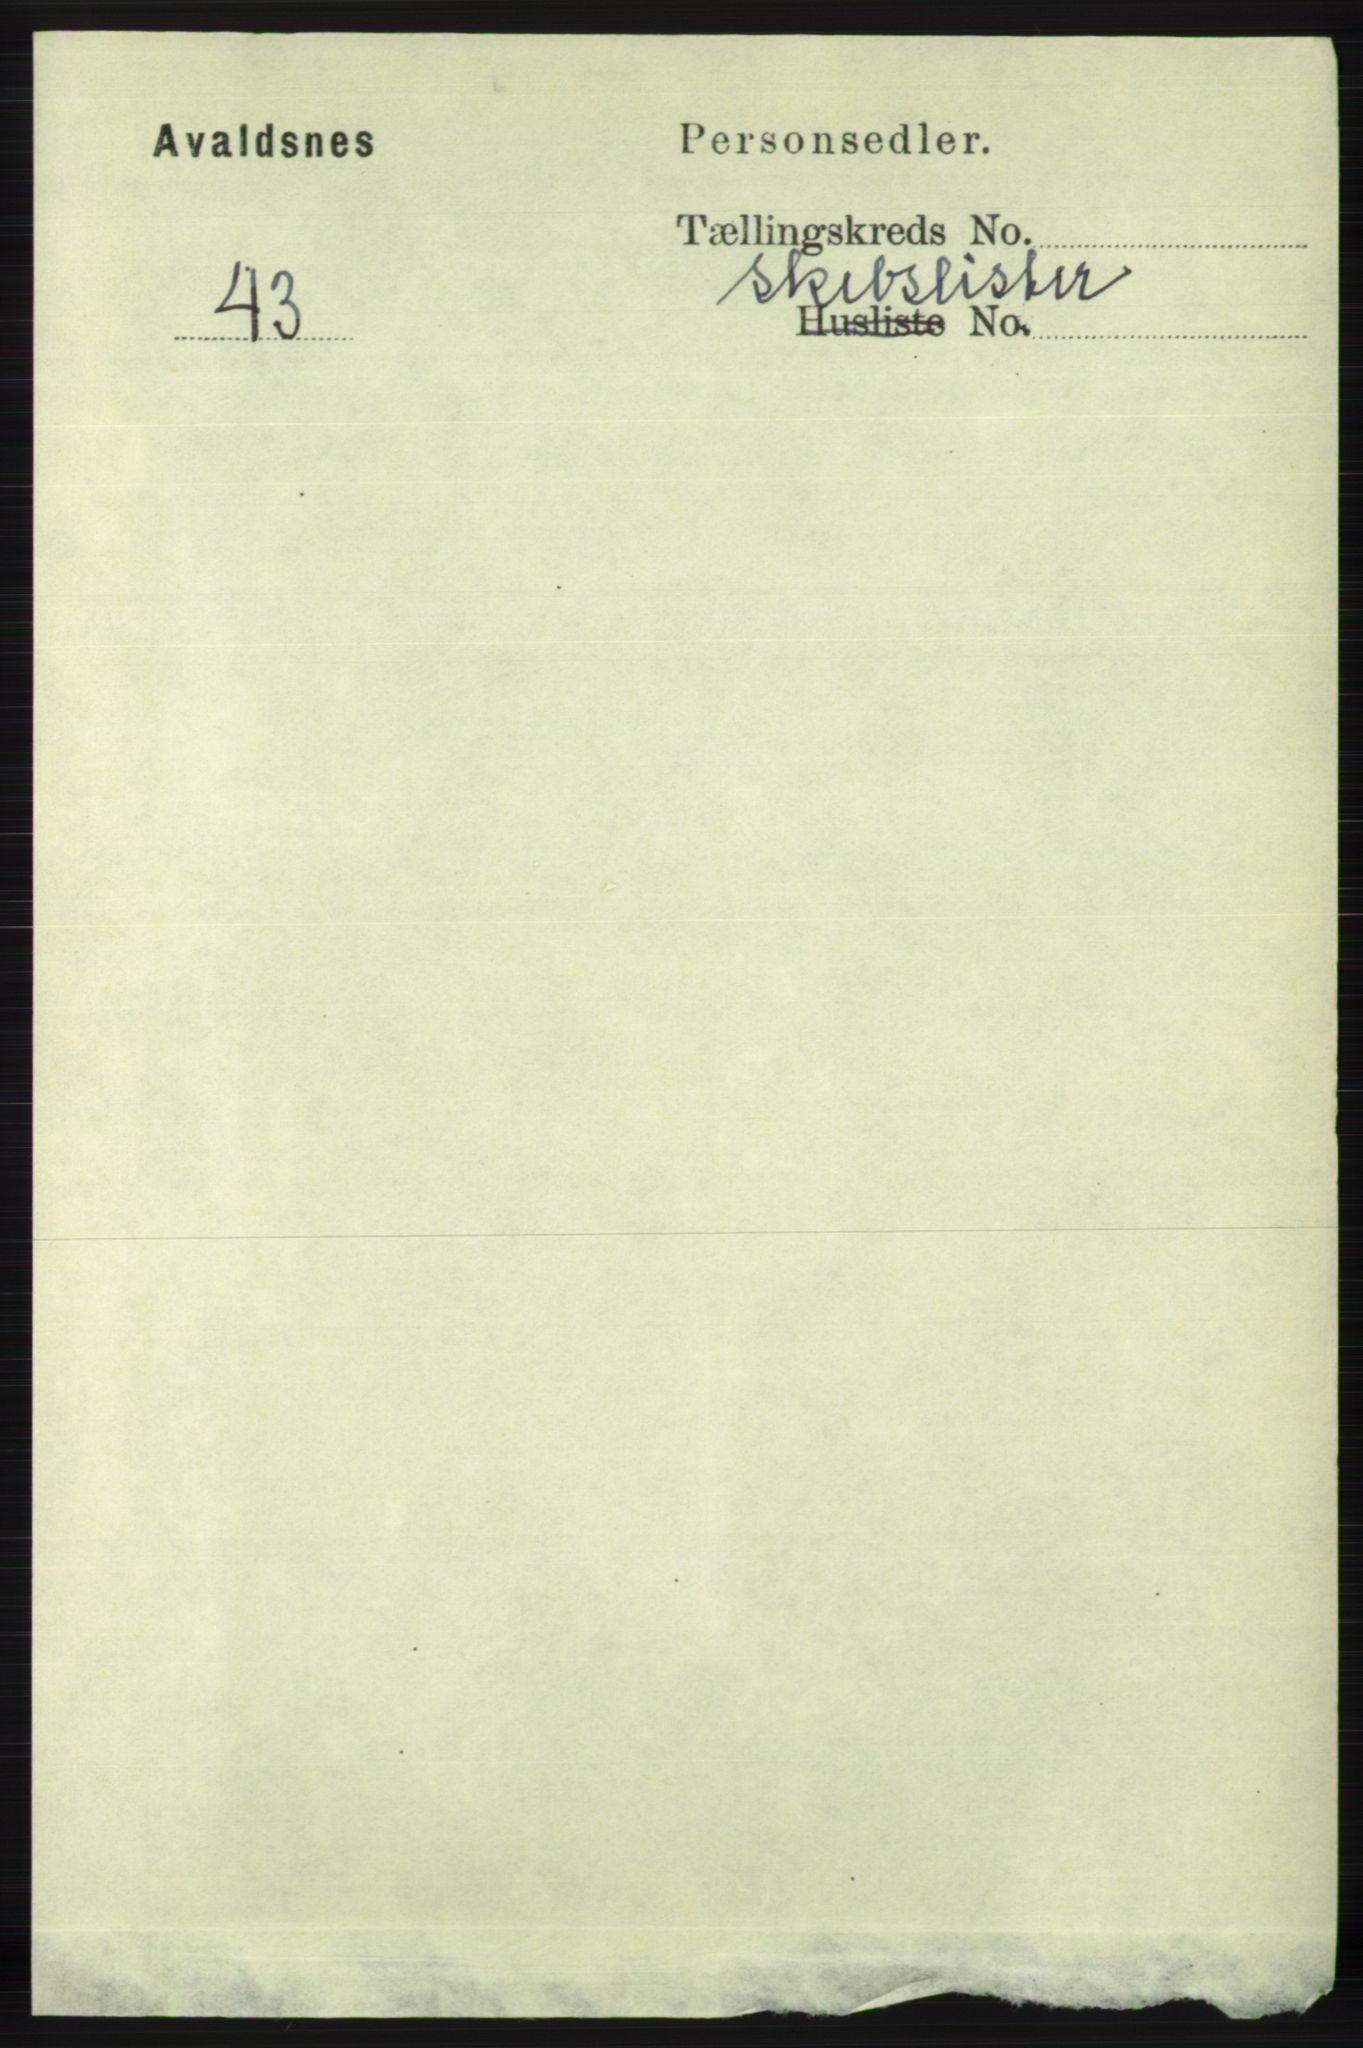 RA, Folketelling 1891 for 1147 Avaldsnes herred, 1891, s. 6646